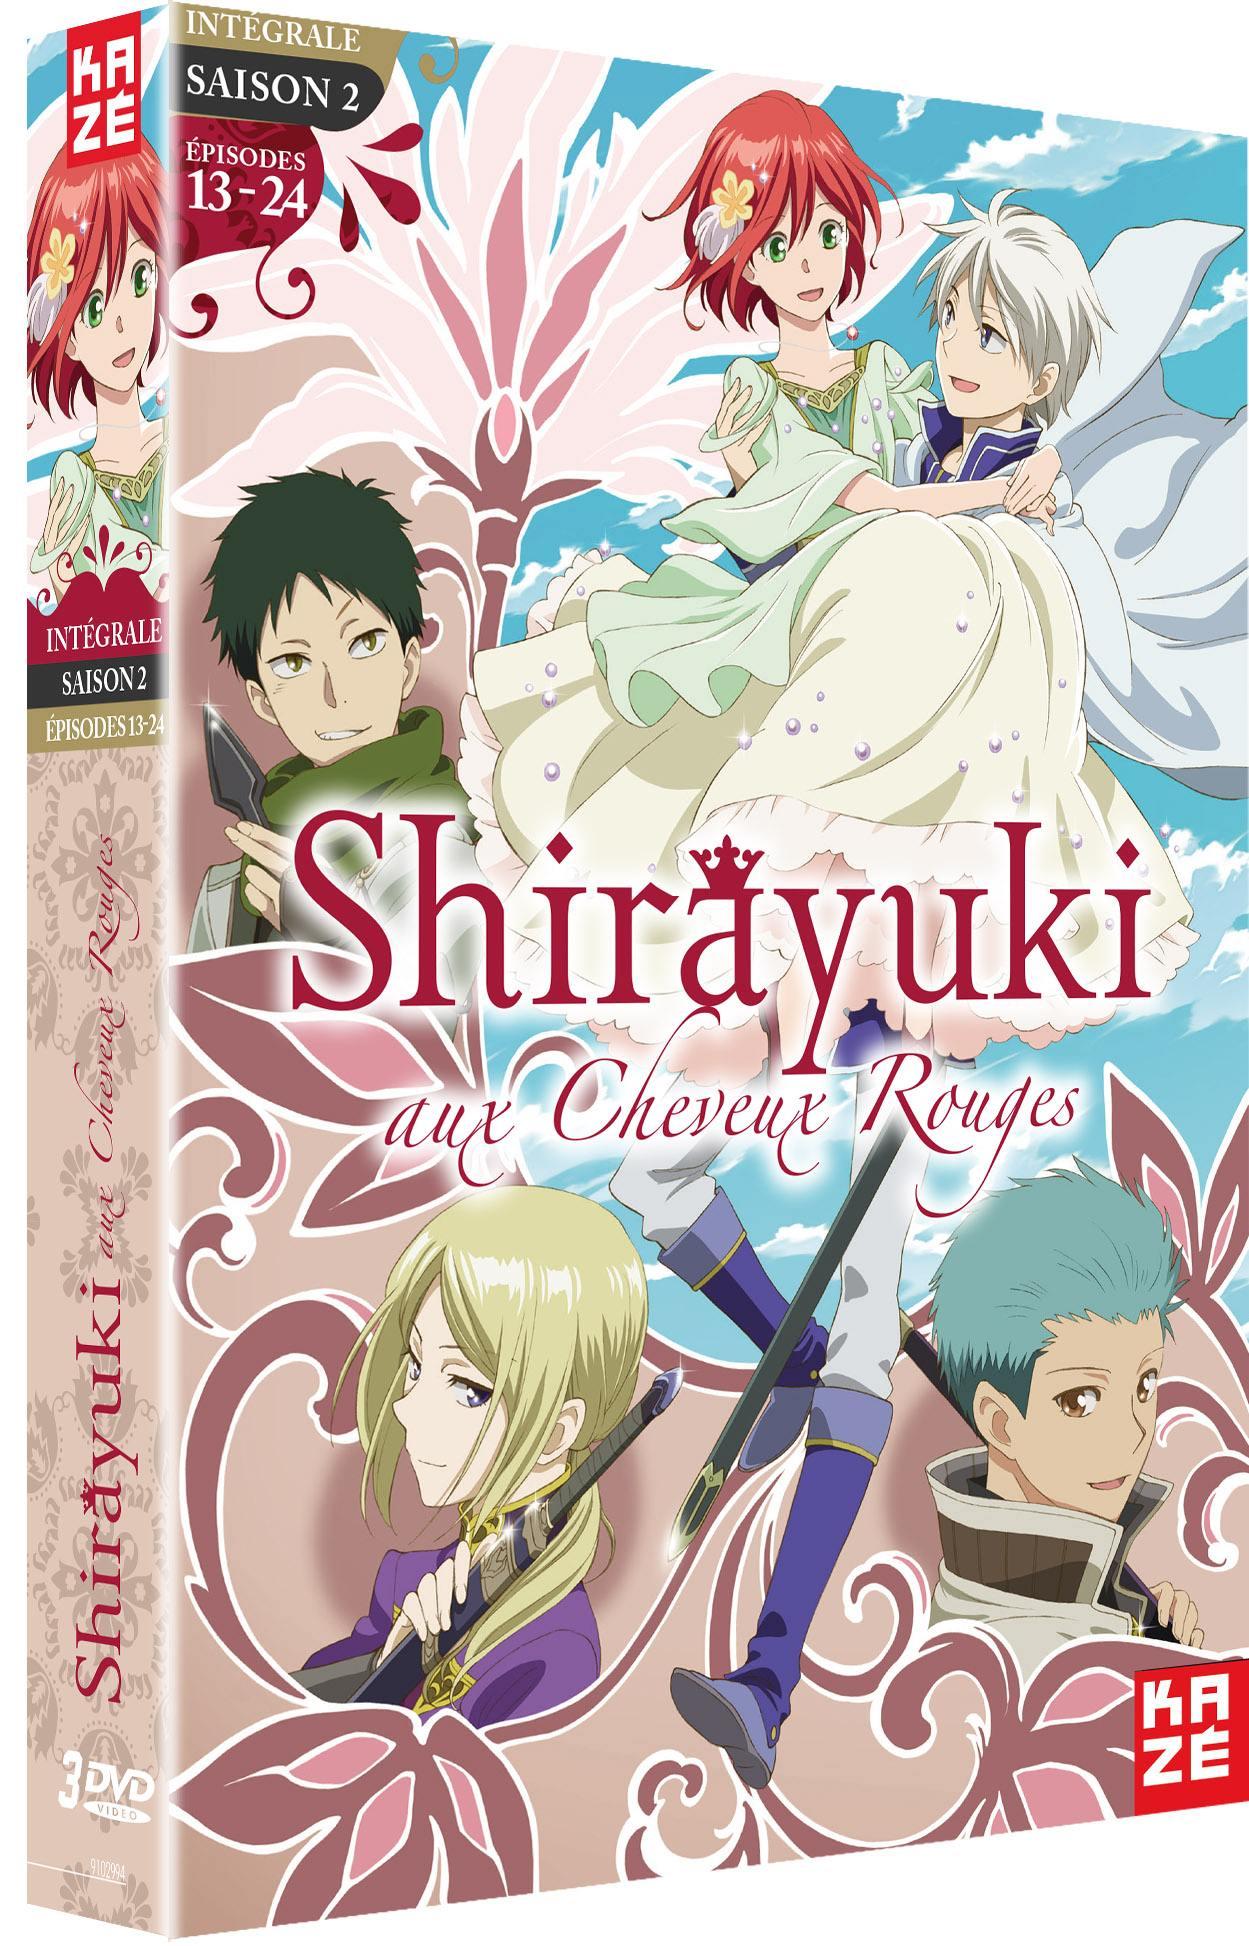 Shirayuki aux cheveux rouges - saison 2 - 3 dvd